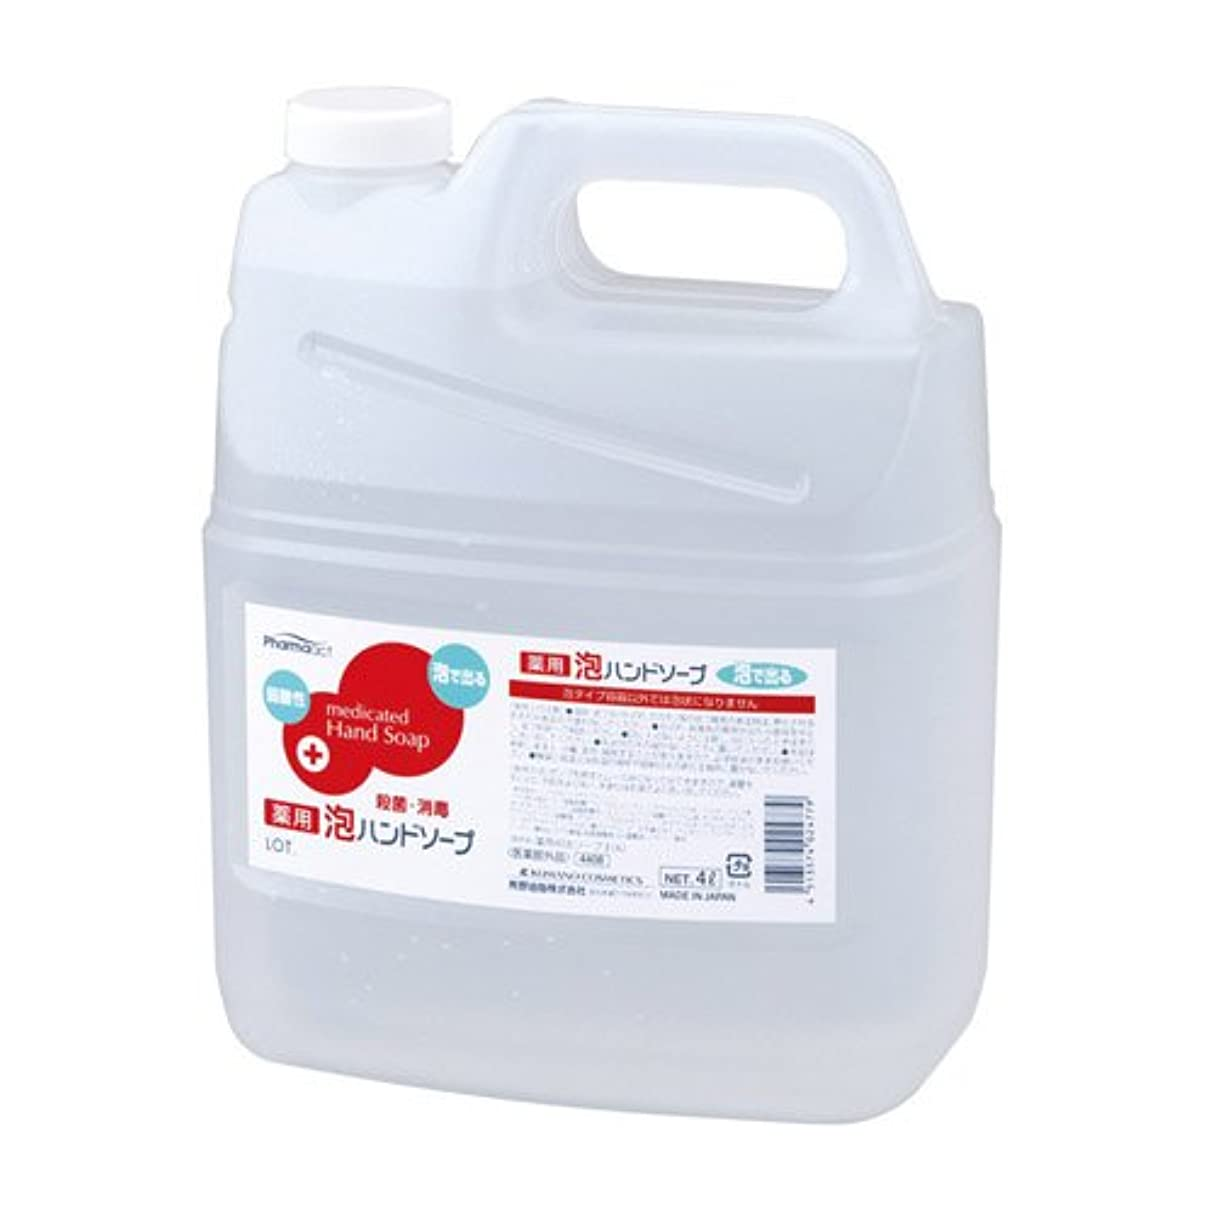 皿ピック避けられないファーマアクト 薬用 泡ハンドソープ 業務用 4L 【医薬部外品】